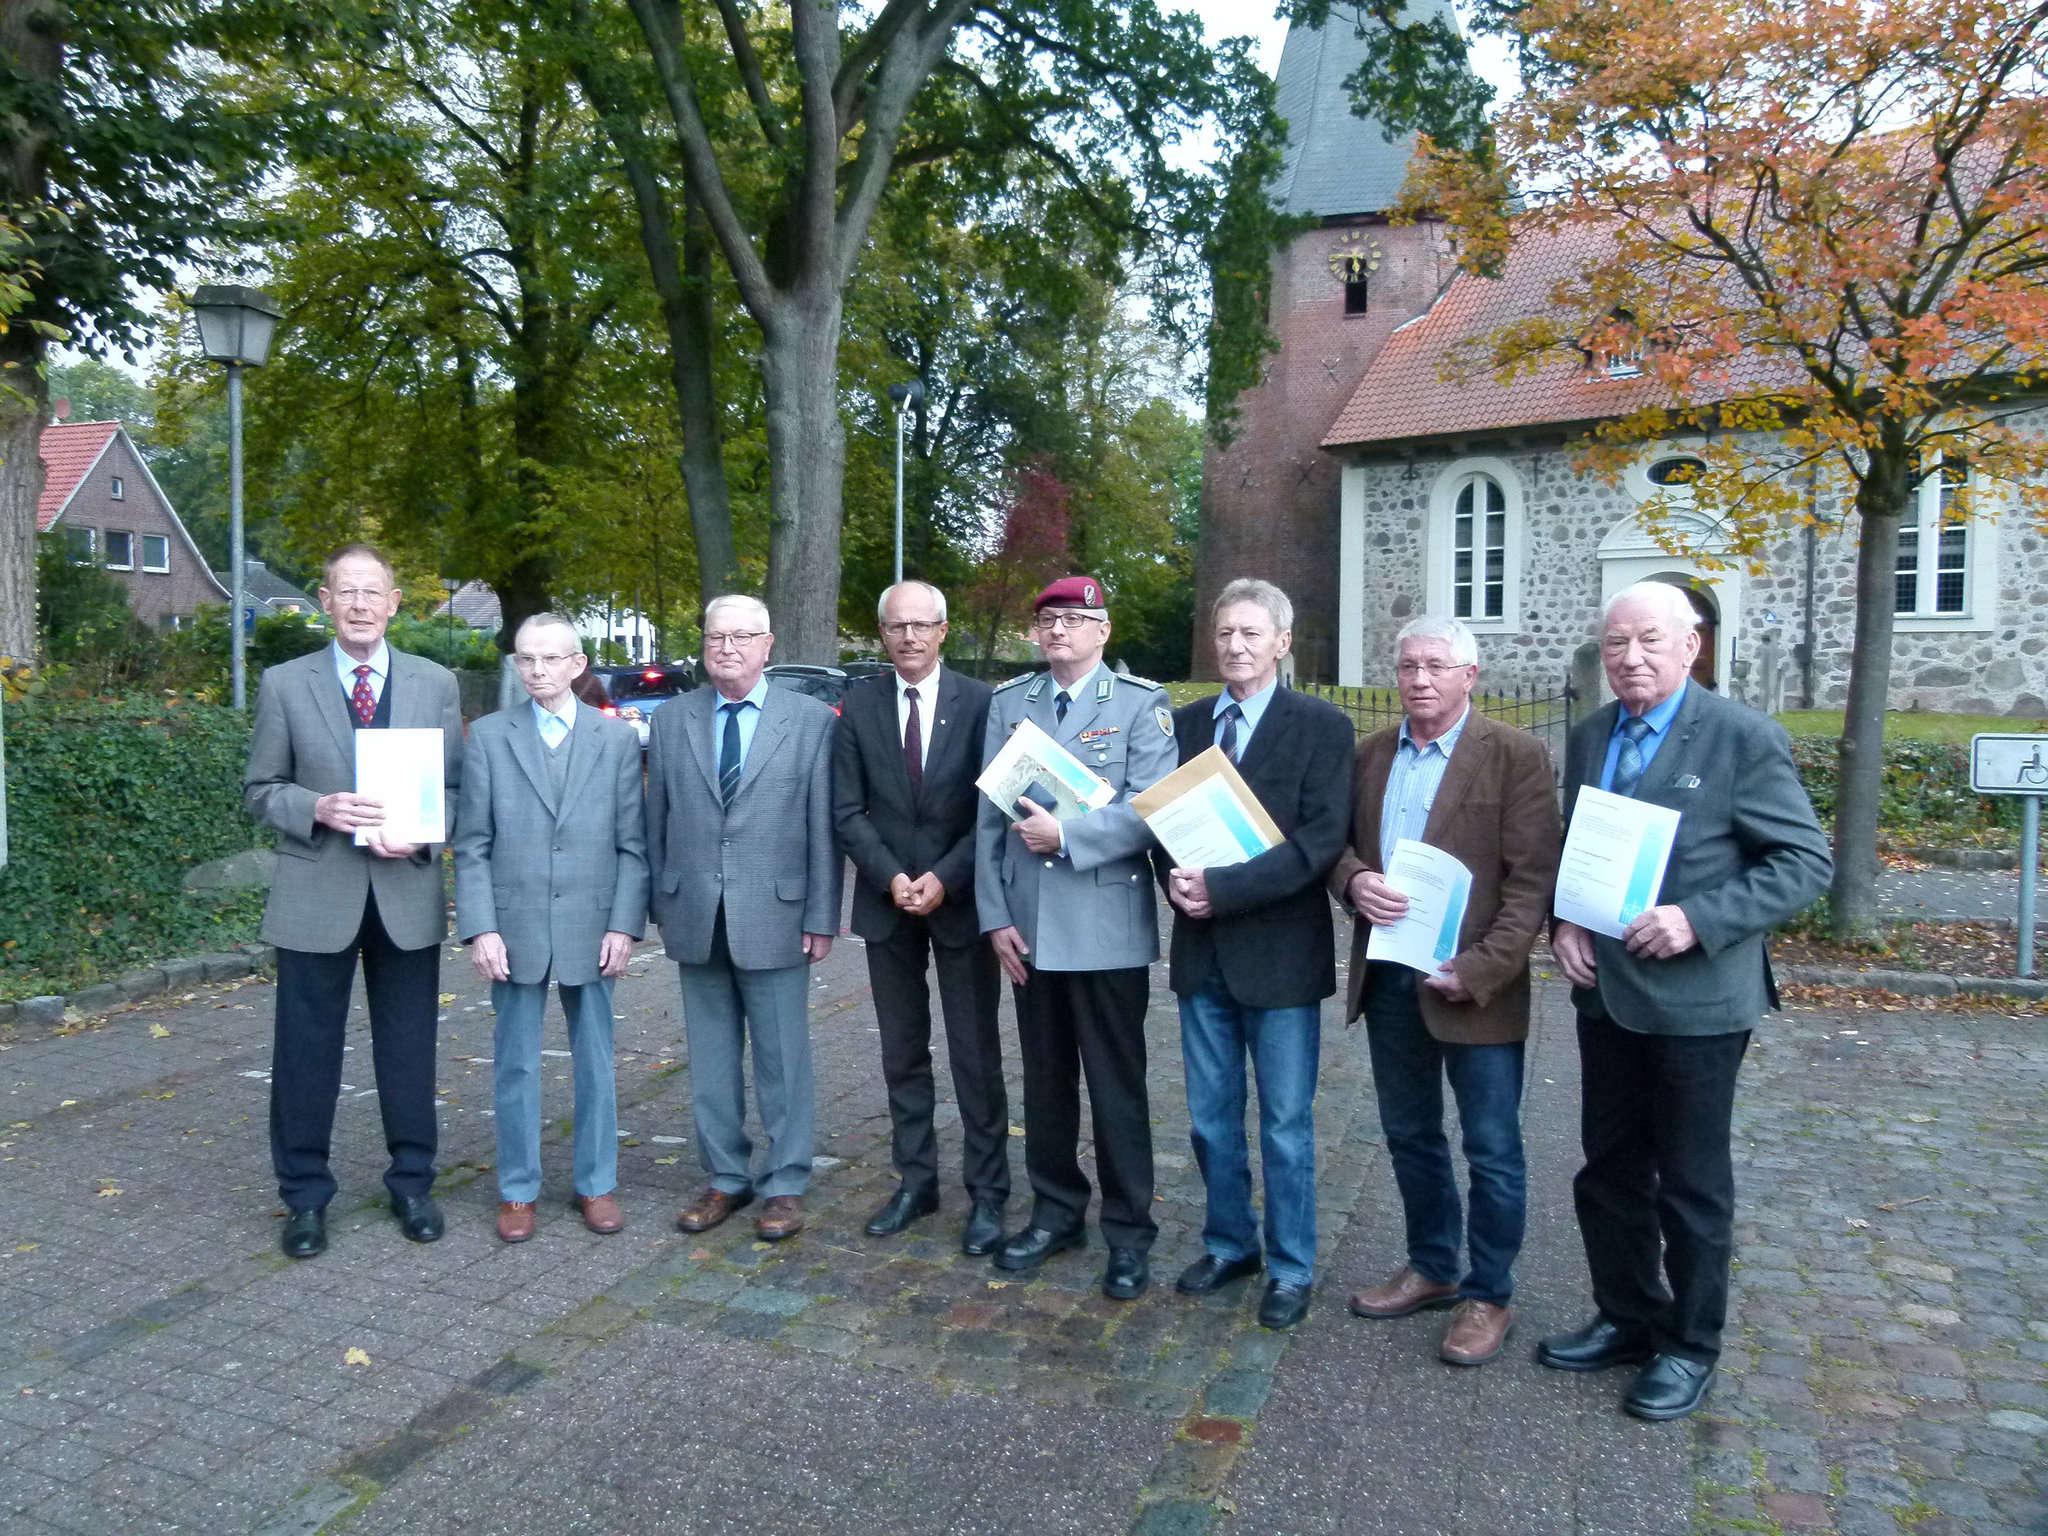 Die Geehrten zusammen mit dem Vorsitzenden Hermann Luttmann (4. von links): Hans Worthmann (von links), Richard Finke, Herbert Sandmann, Hauptmann Ulf Ernst, Rolf Kampe, Helmut Wülpern und Ernst-August Kröger.